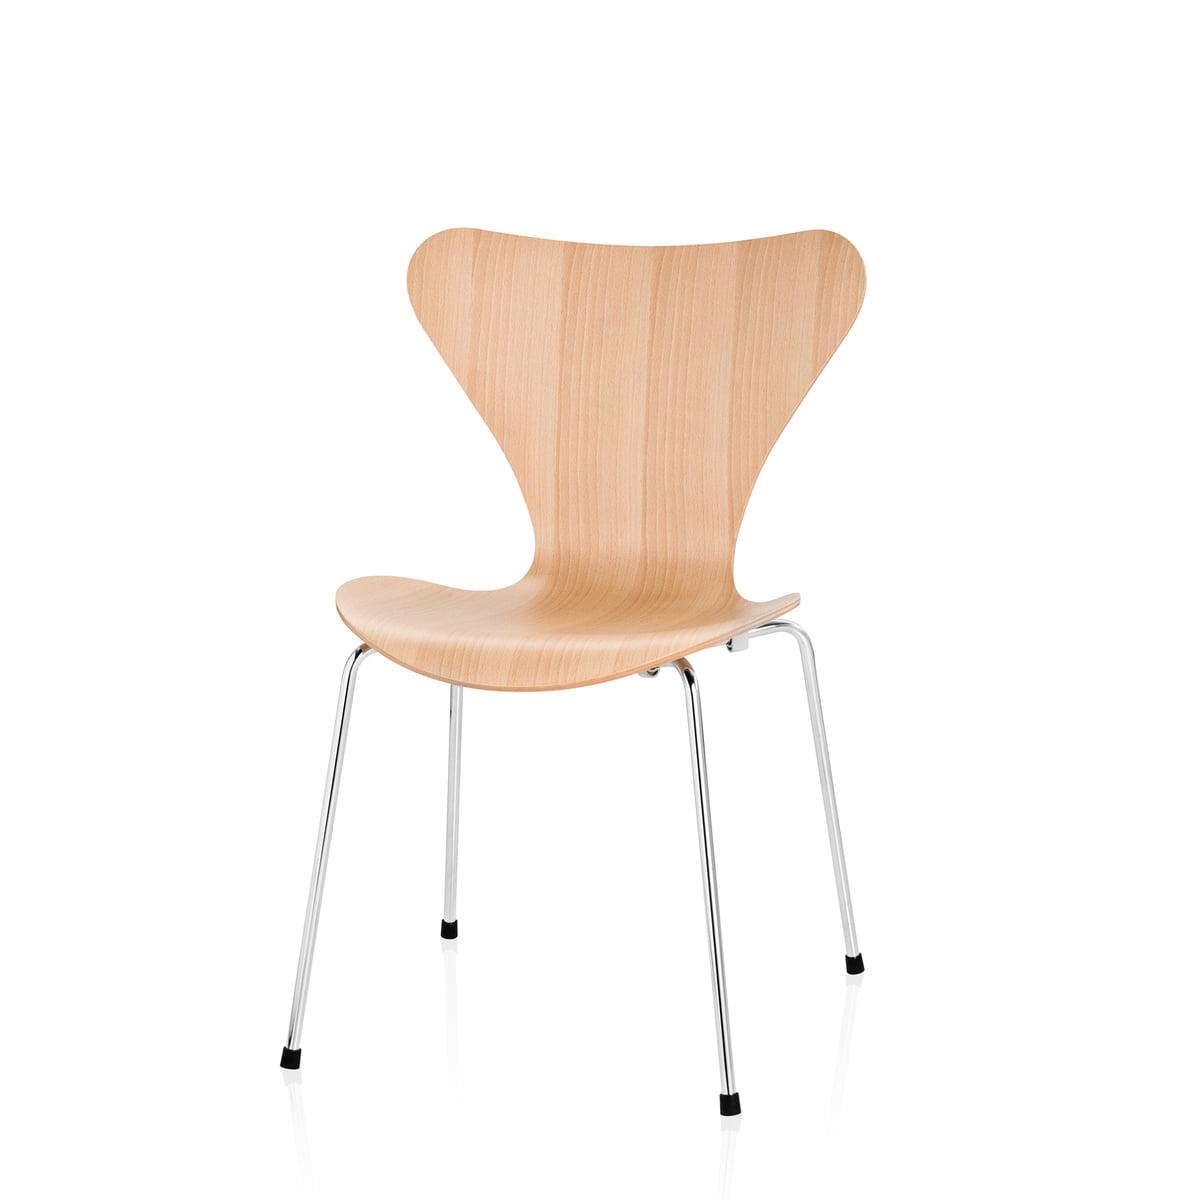 kinderstuhl serie 7 fritz hansen shop. Black Bedroom Furniture Sets. Home Design Ideas